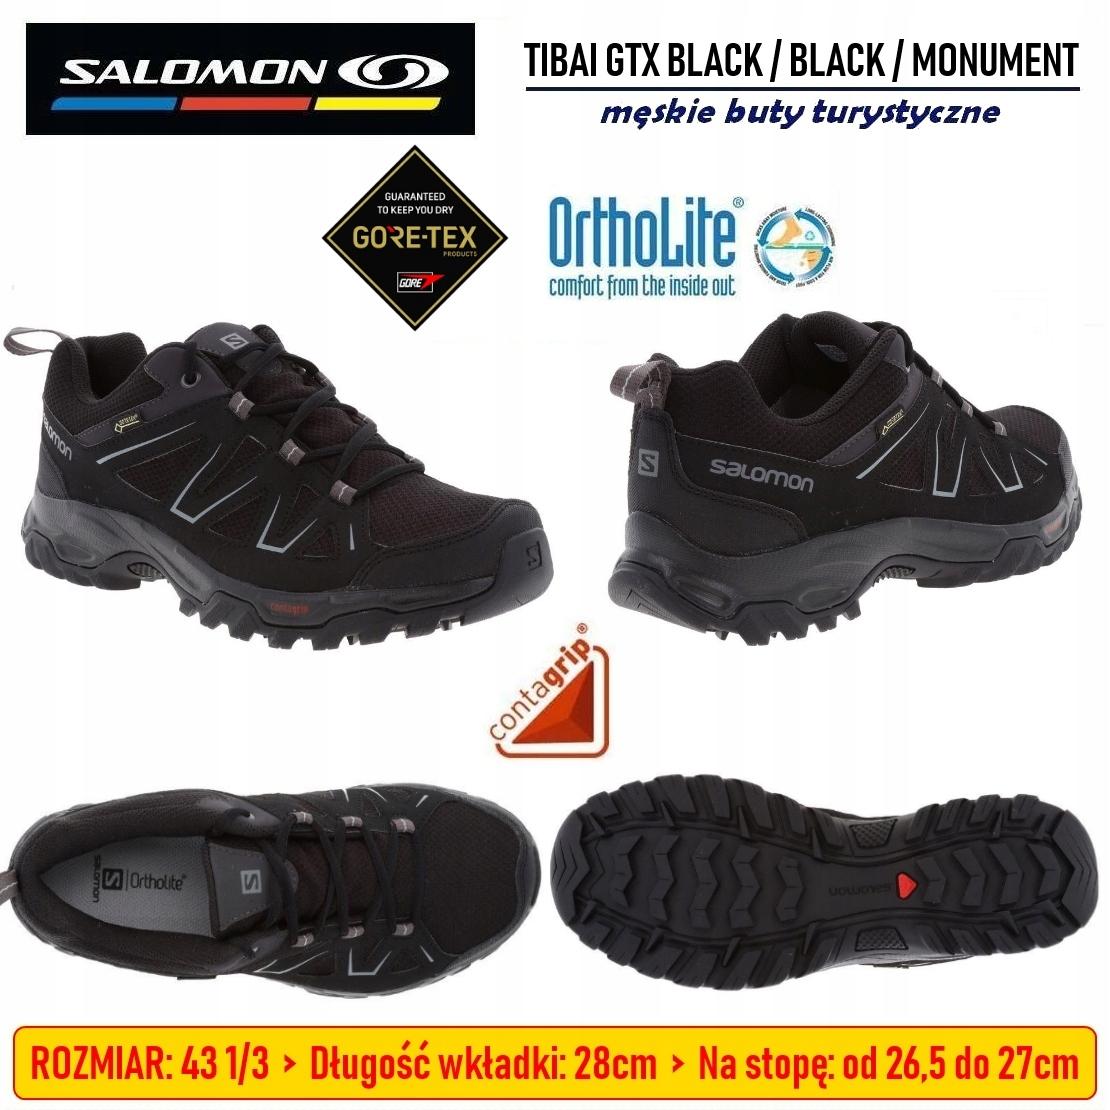 MĘSKIE BUTY SALOMON TIBAI GTX trekkingowe R 43 13